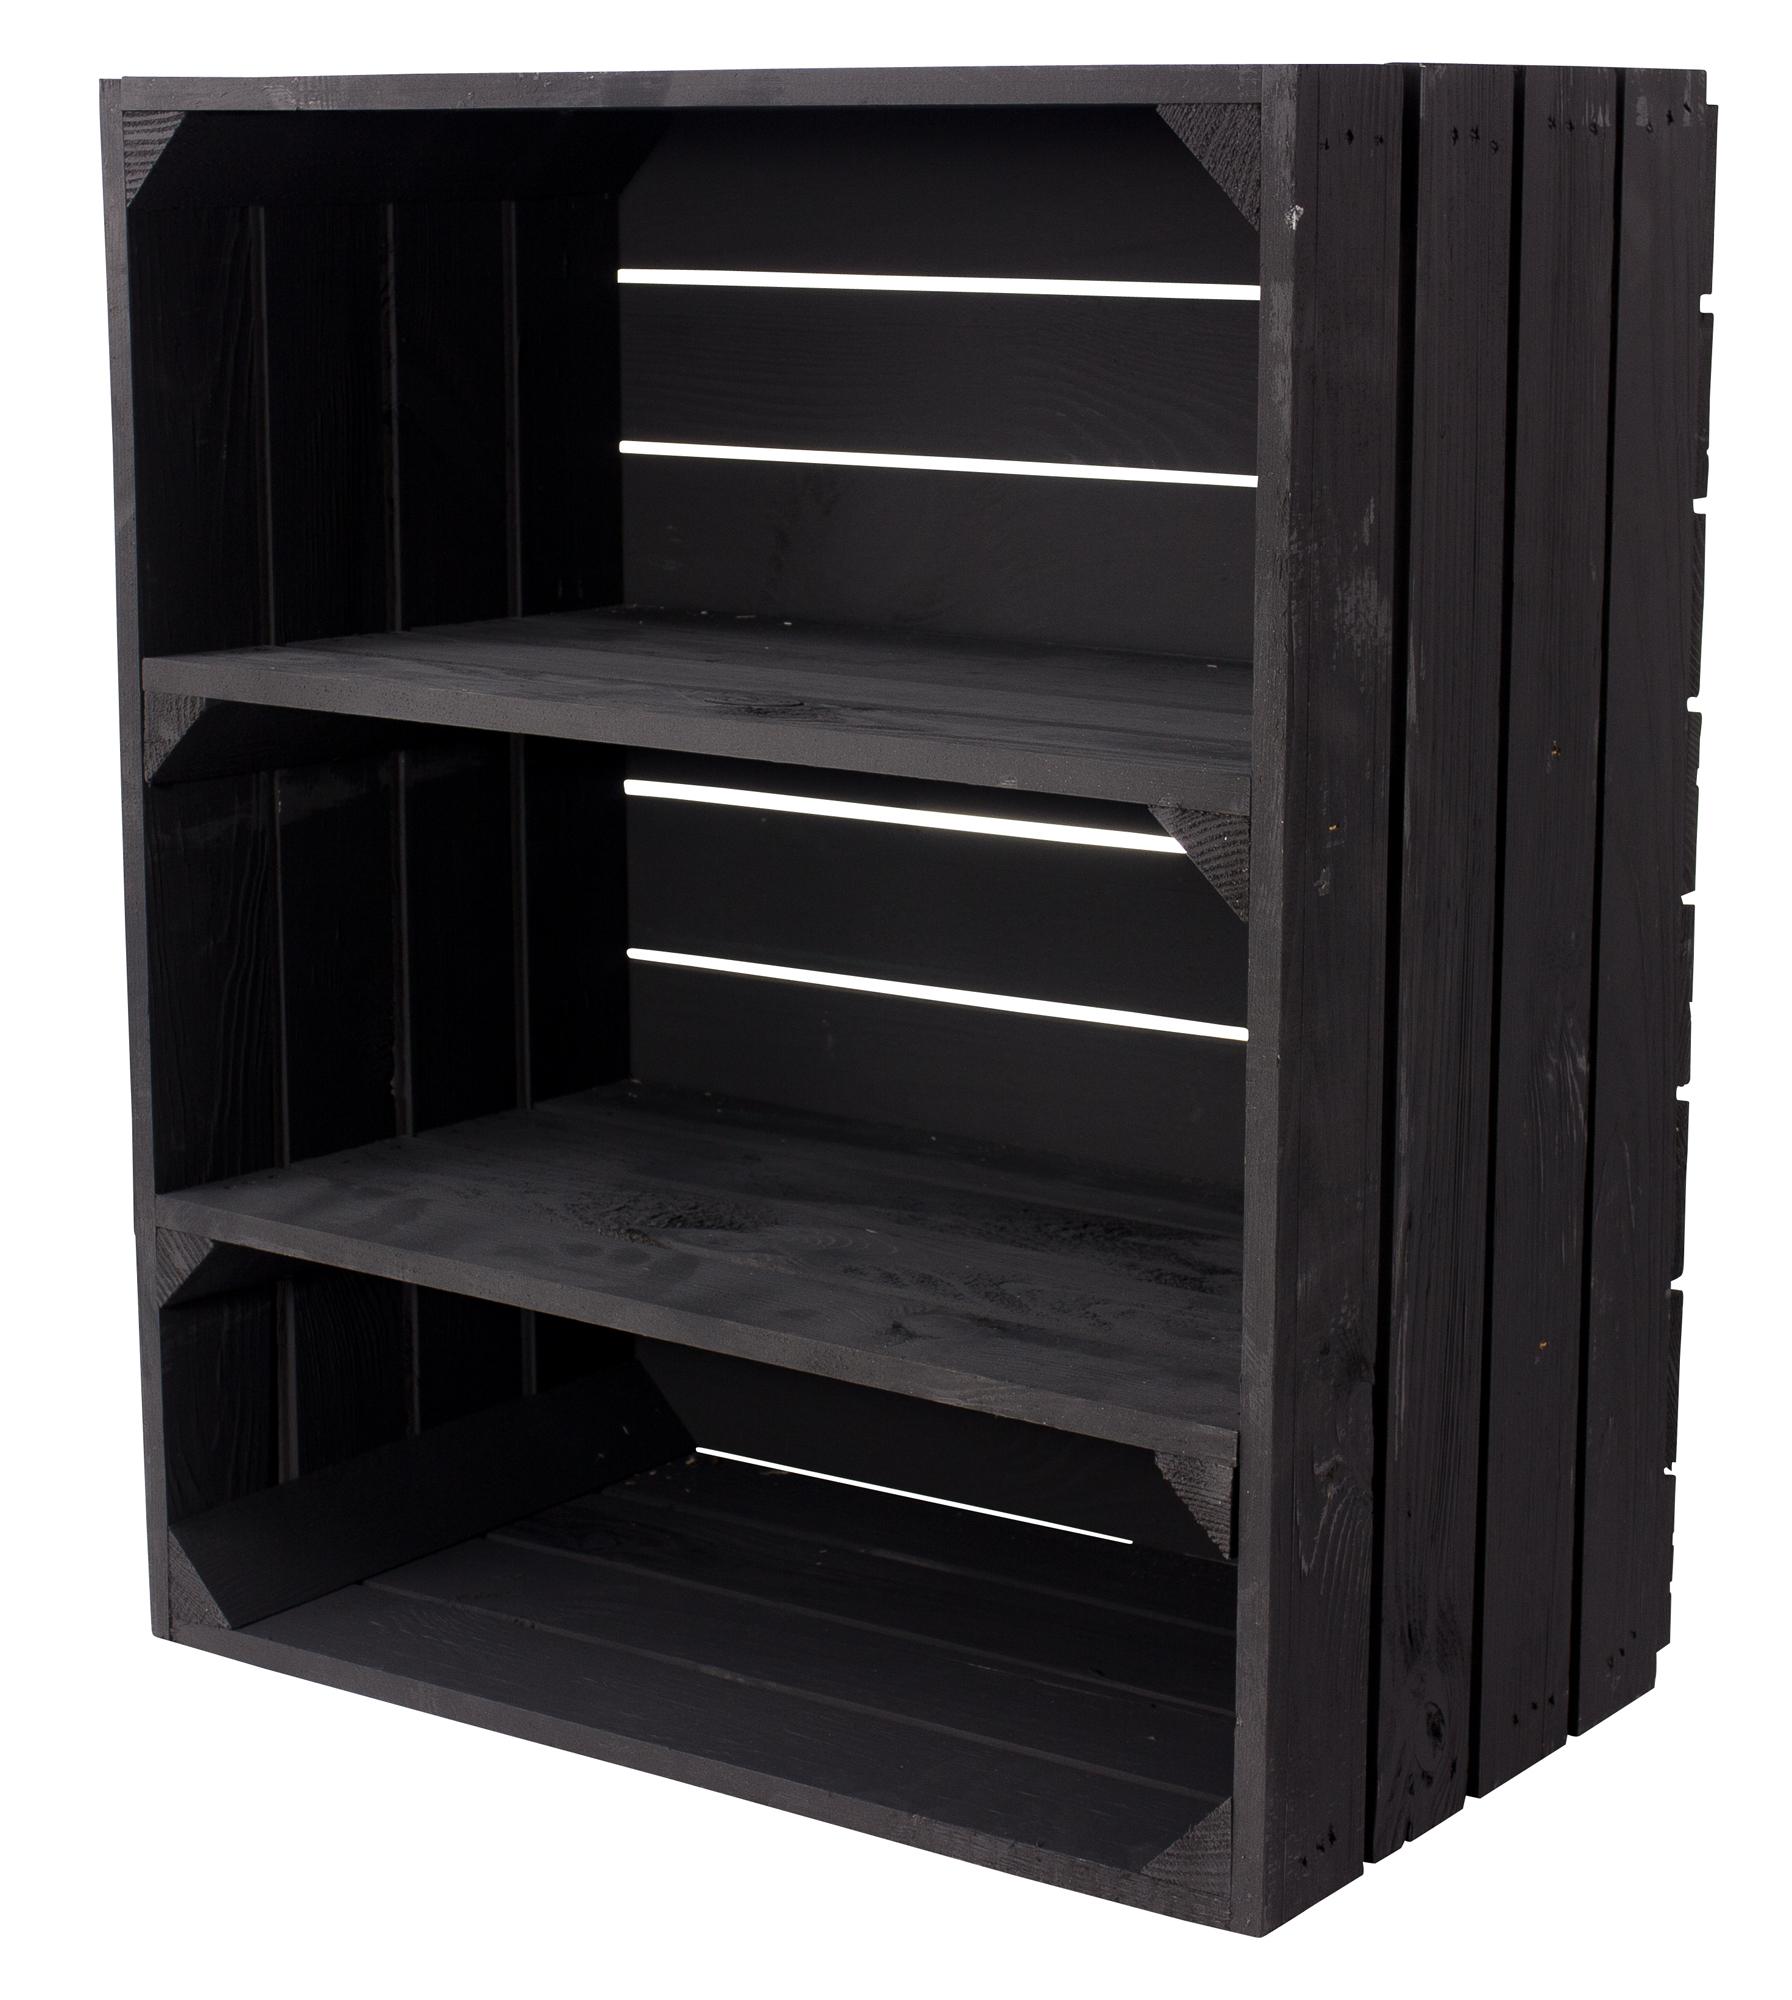 Hohe schwarze Kiste 61x50x31cm